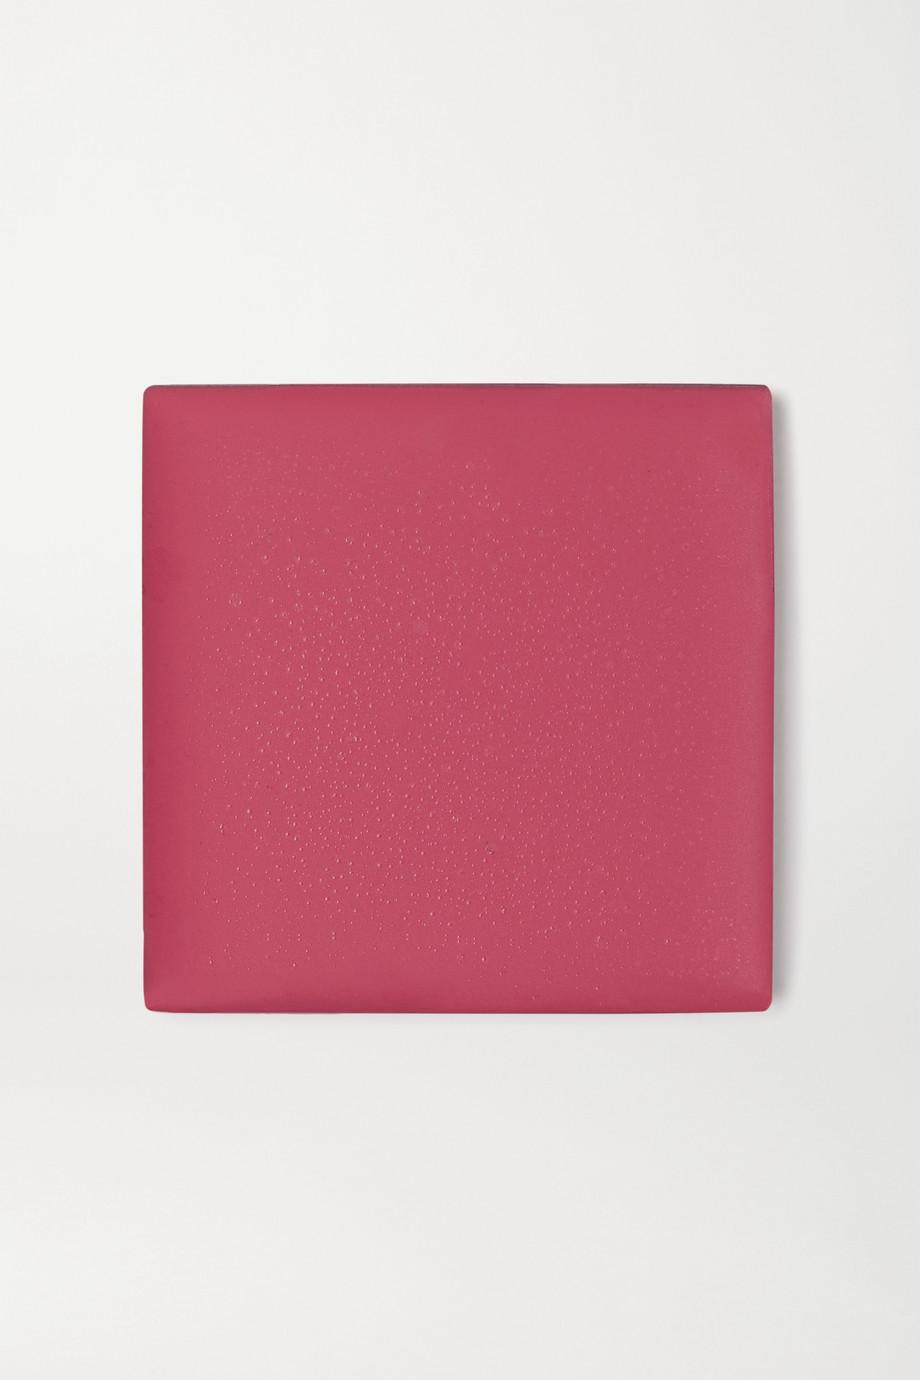 Kjaer Weis Cream Blush Refill - Lovely